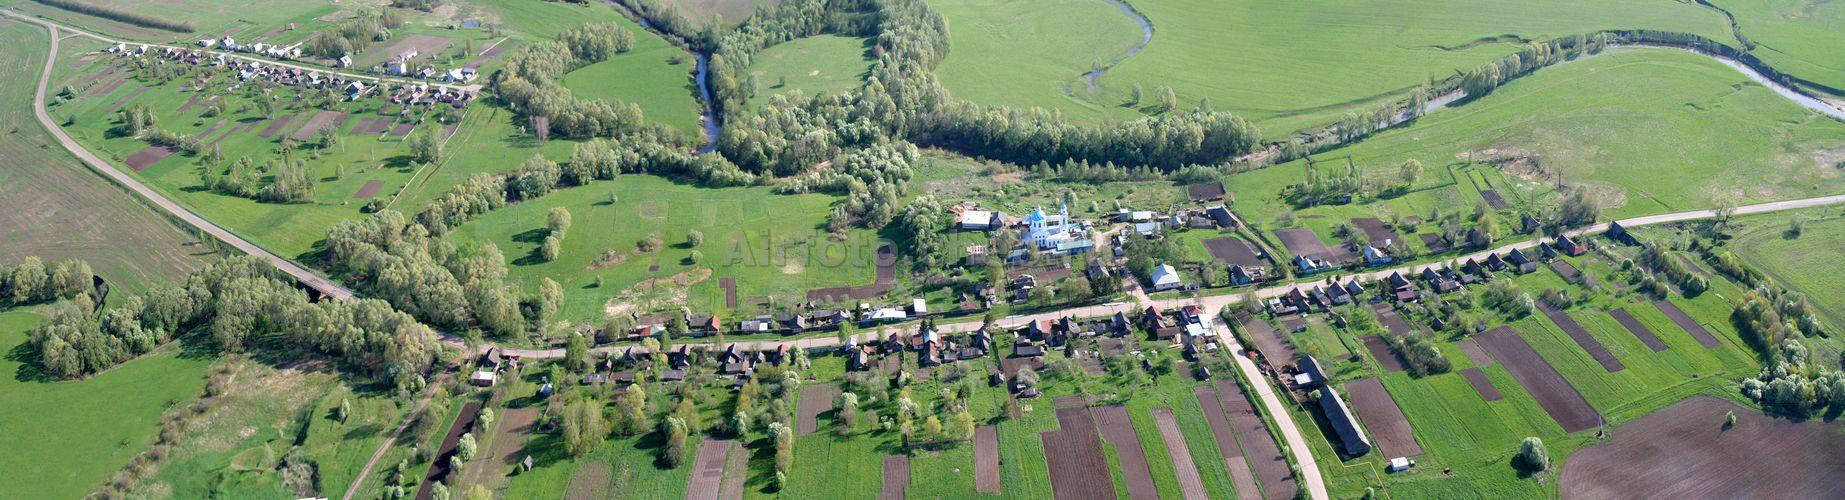 Вид сверху на село Малое Чурашево